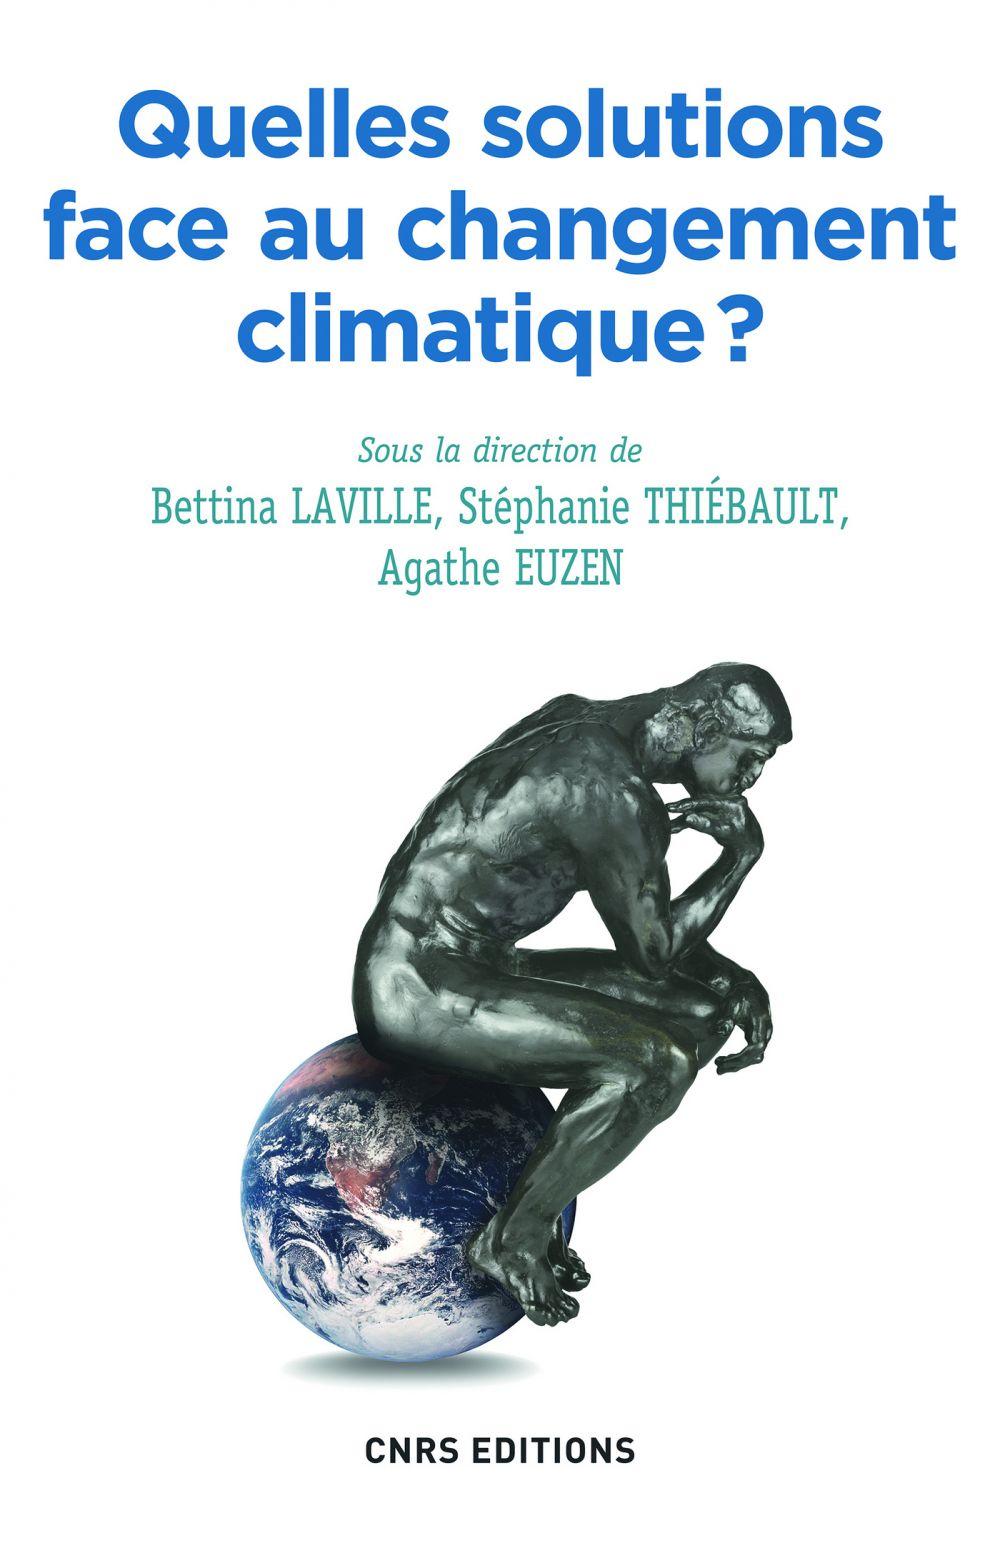 Quelles solutions face au changement climatique ? |